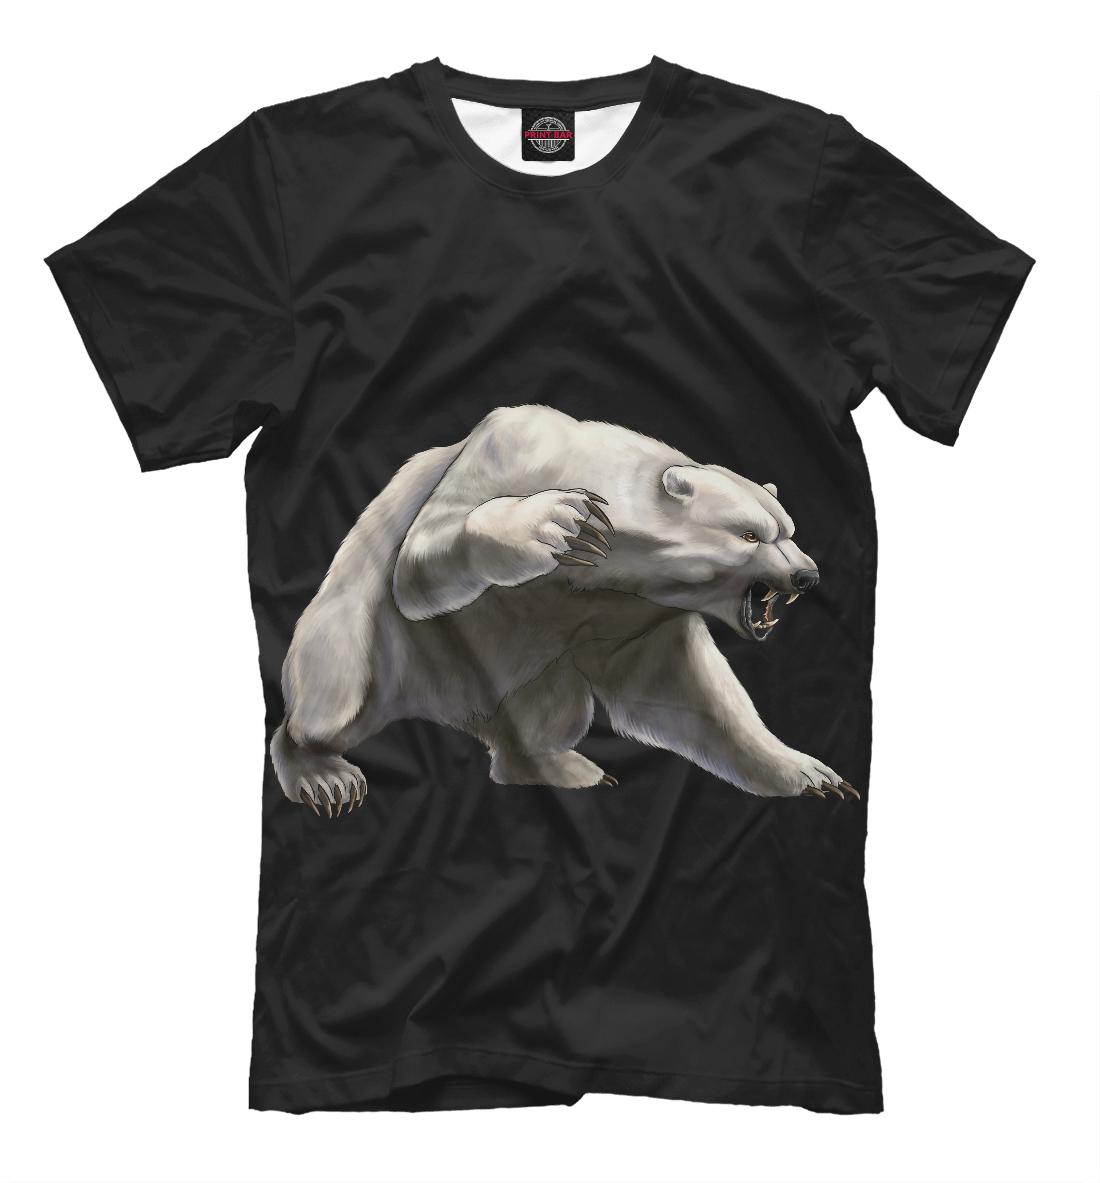 Купить Полярный медведь, Printbar, Футболки, MED-229767-fut-2